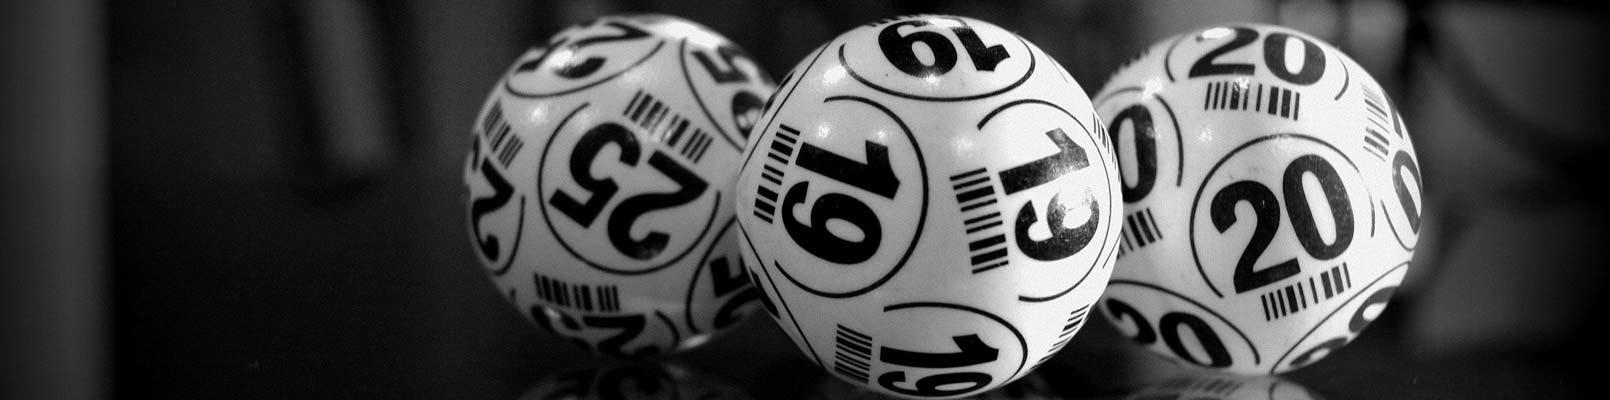 bonus loto case pariuri online